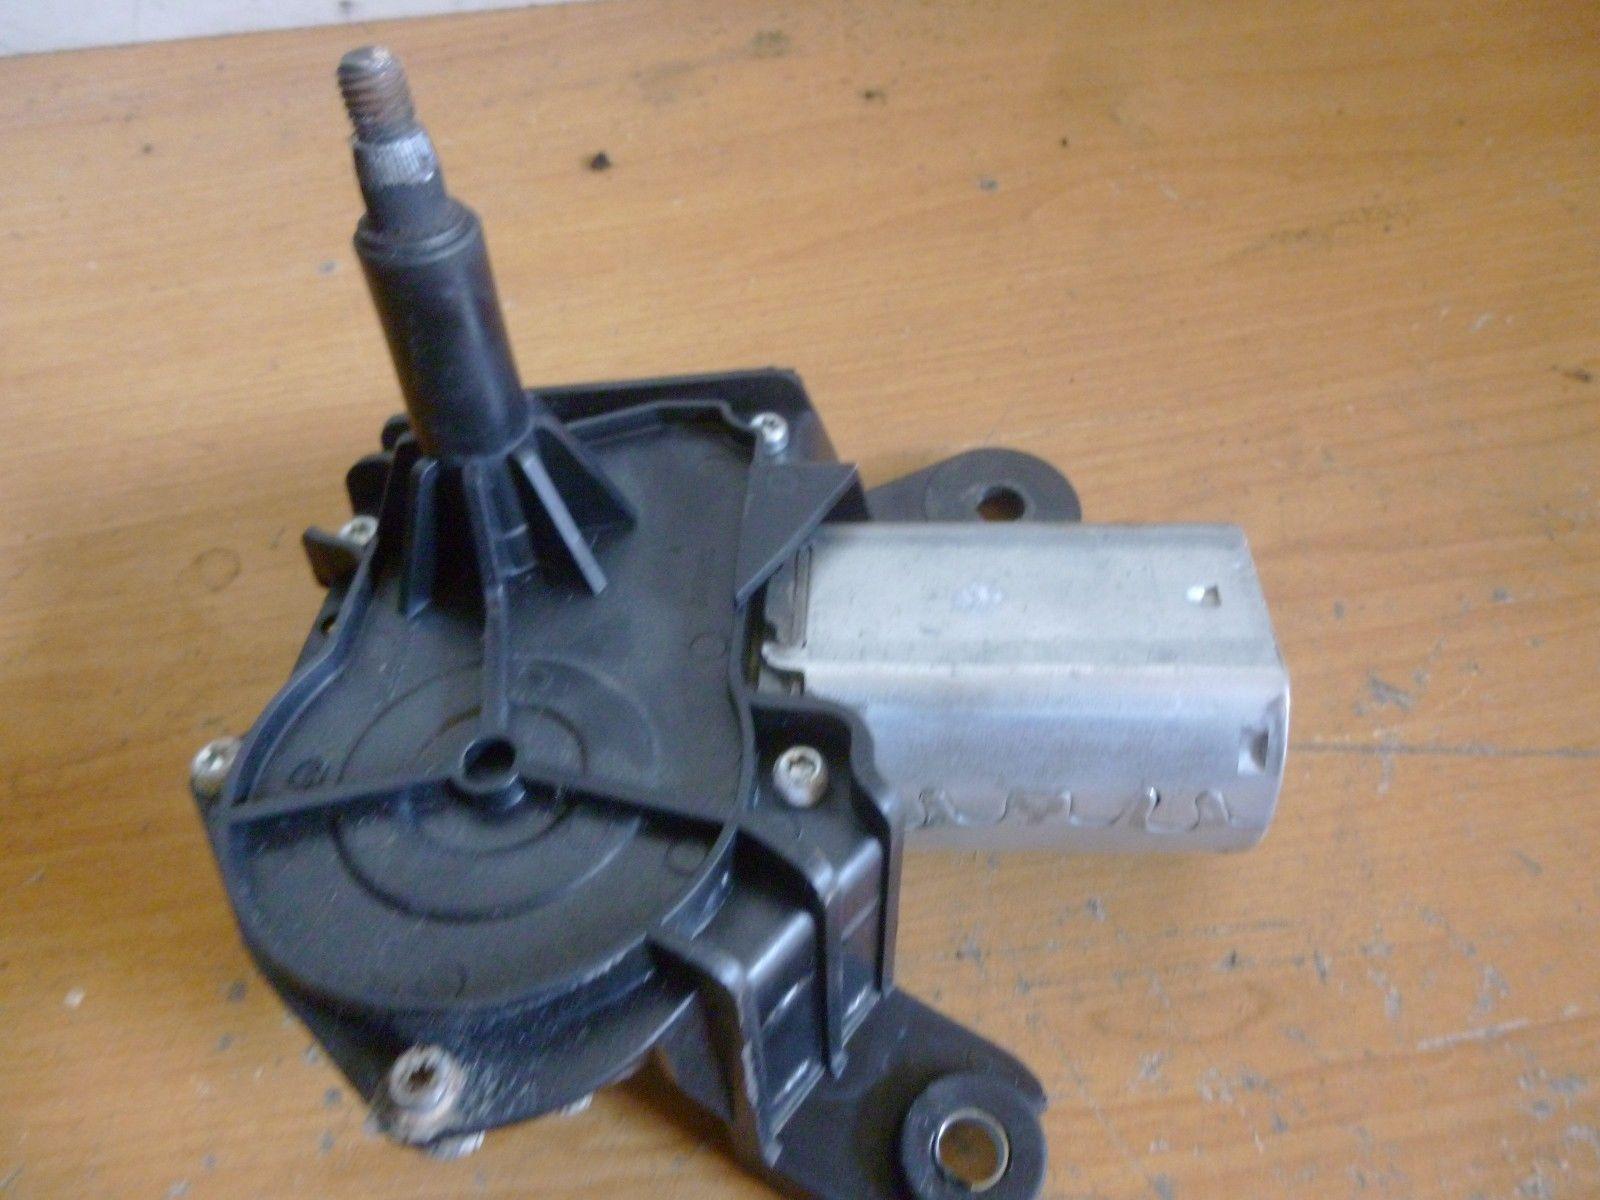 Opel Agila Bj.2004 Heckwischermotor Wischermotor Hinten 09204193